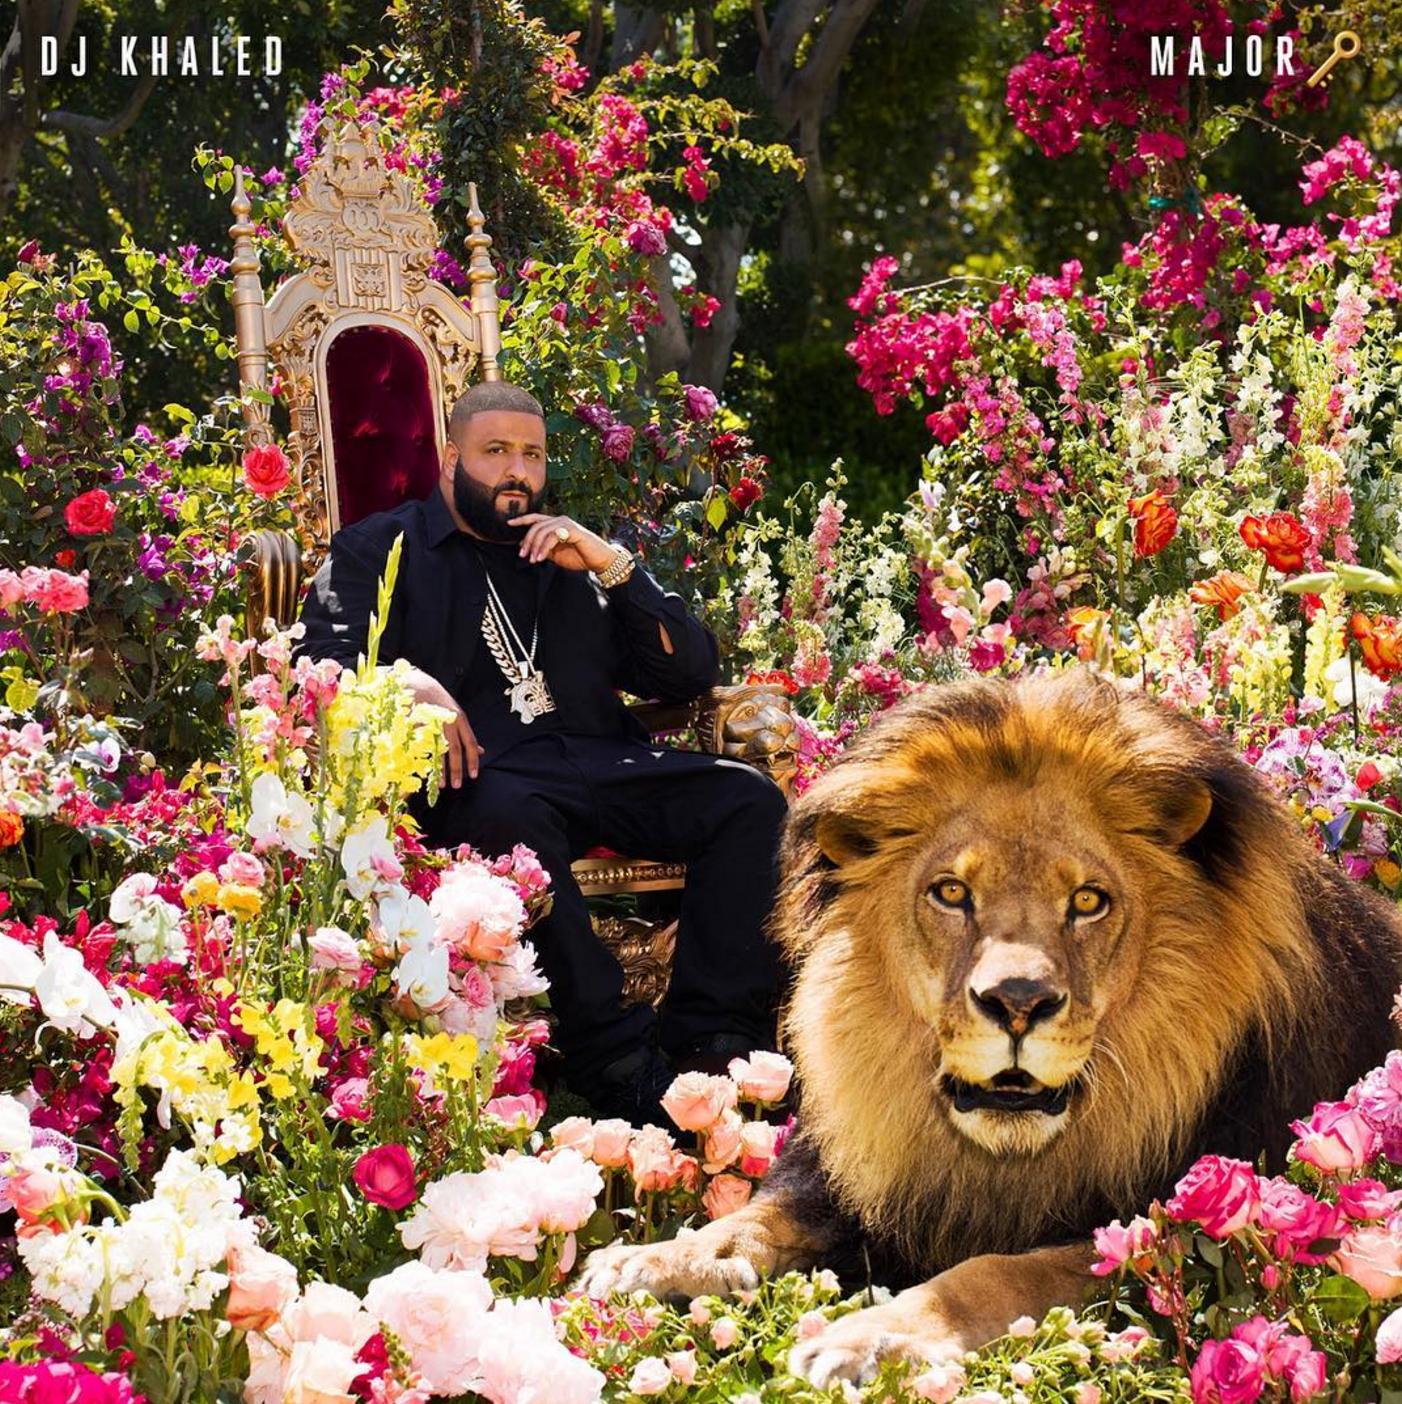 dj khaled major key album DJ Khaled and Drake join forces, reference Kendrick Lamar on For Free    listen